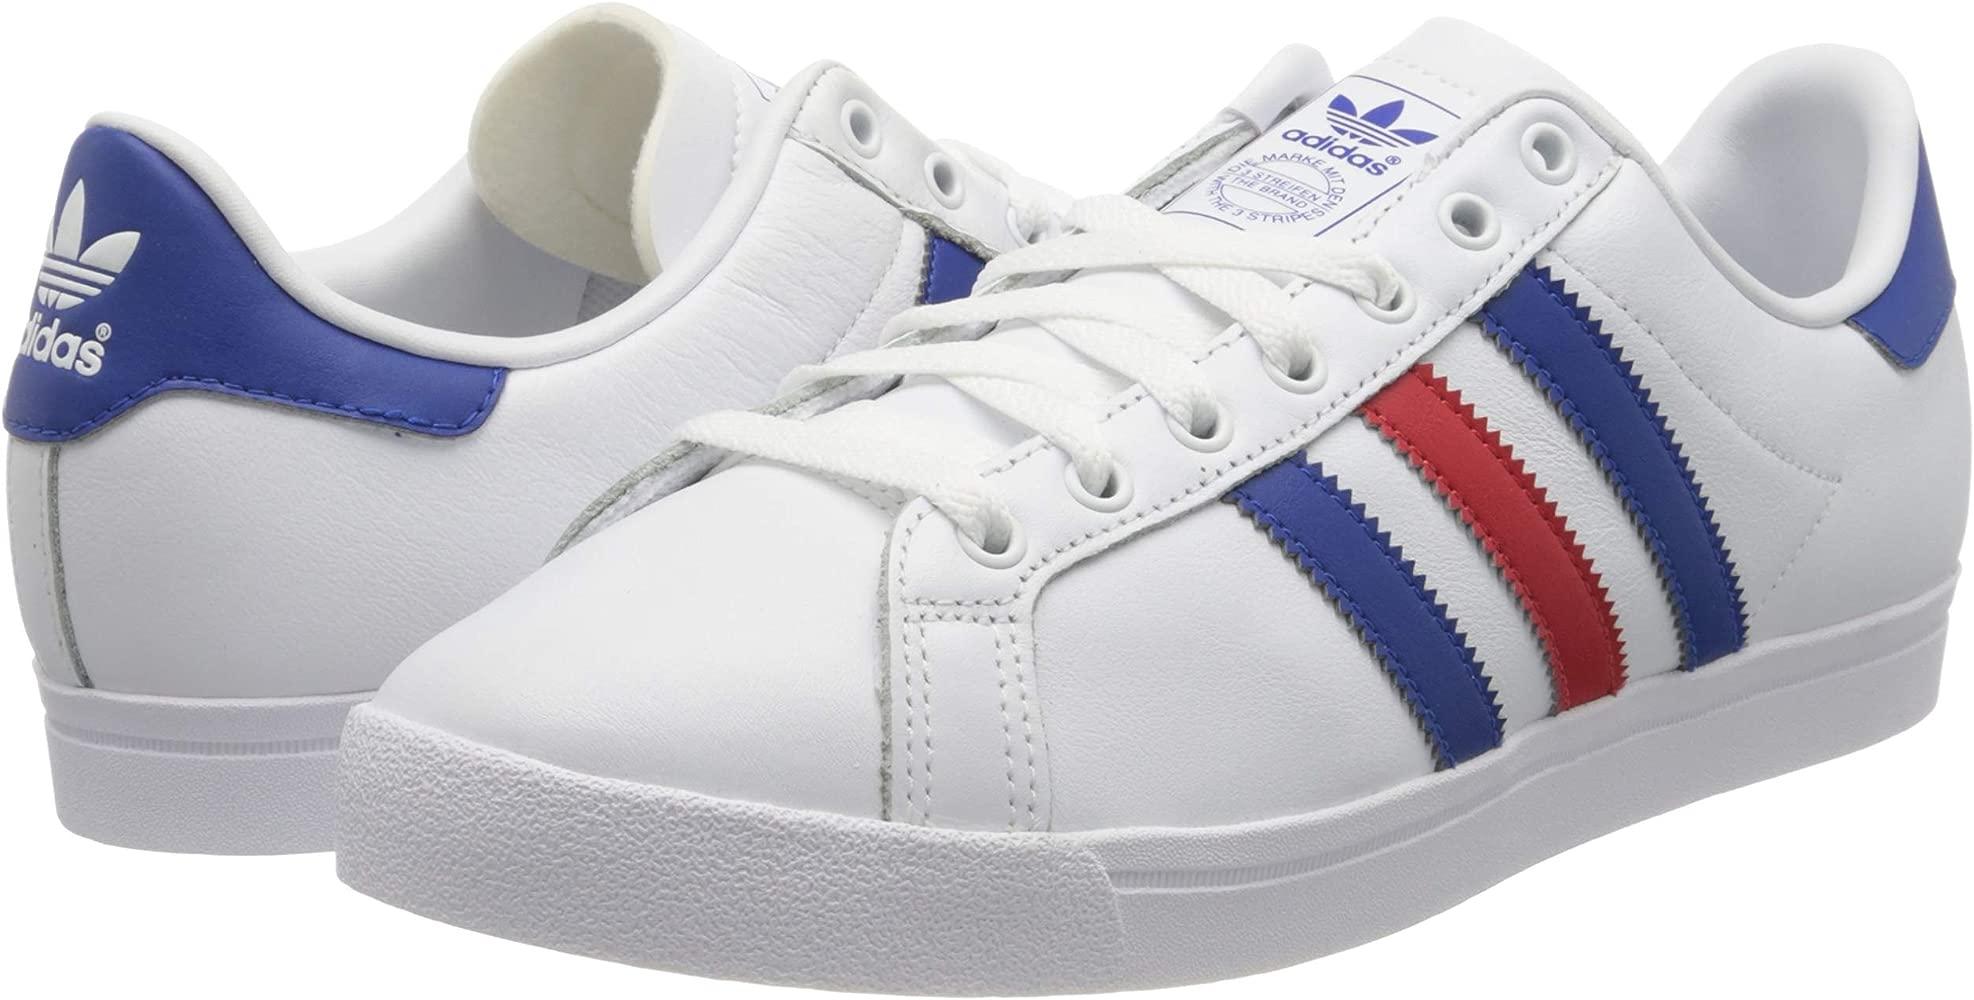 Zapatillas para Hombre Adidas Coast Star